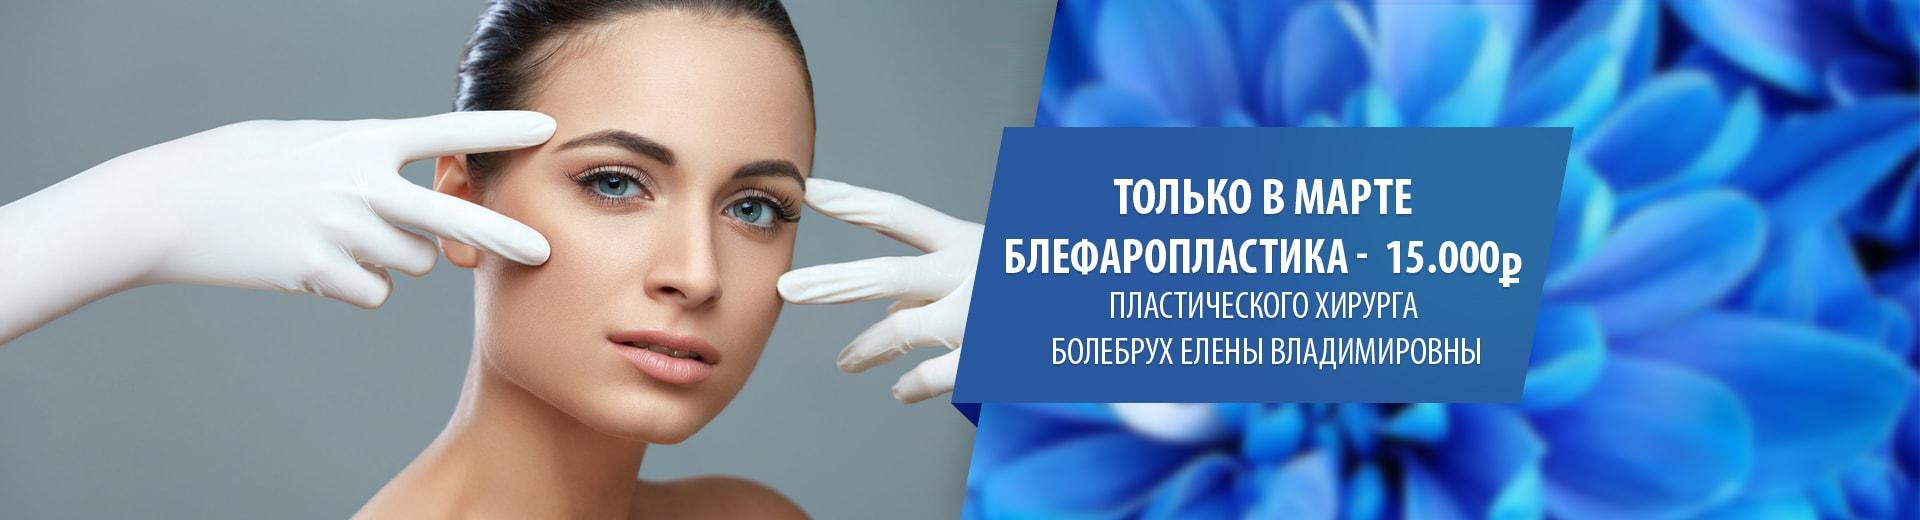 Только в марте блефаропластика - 15.000 рублей